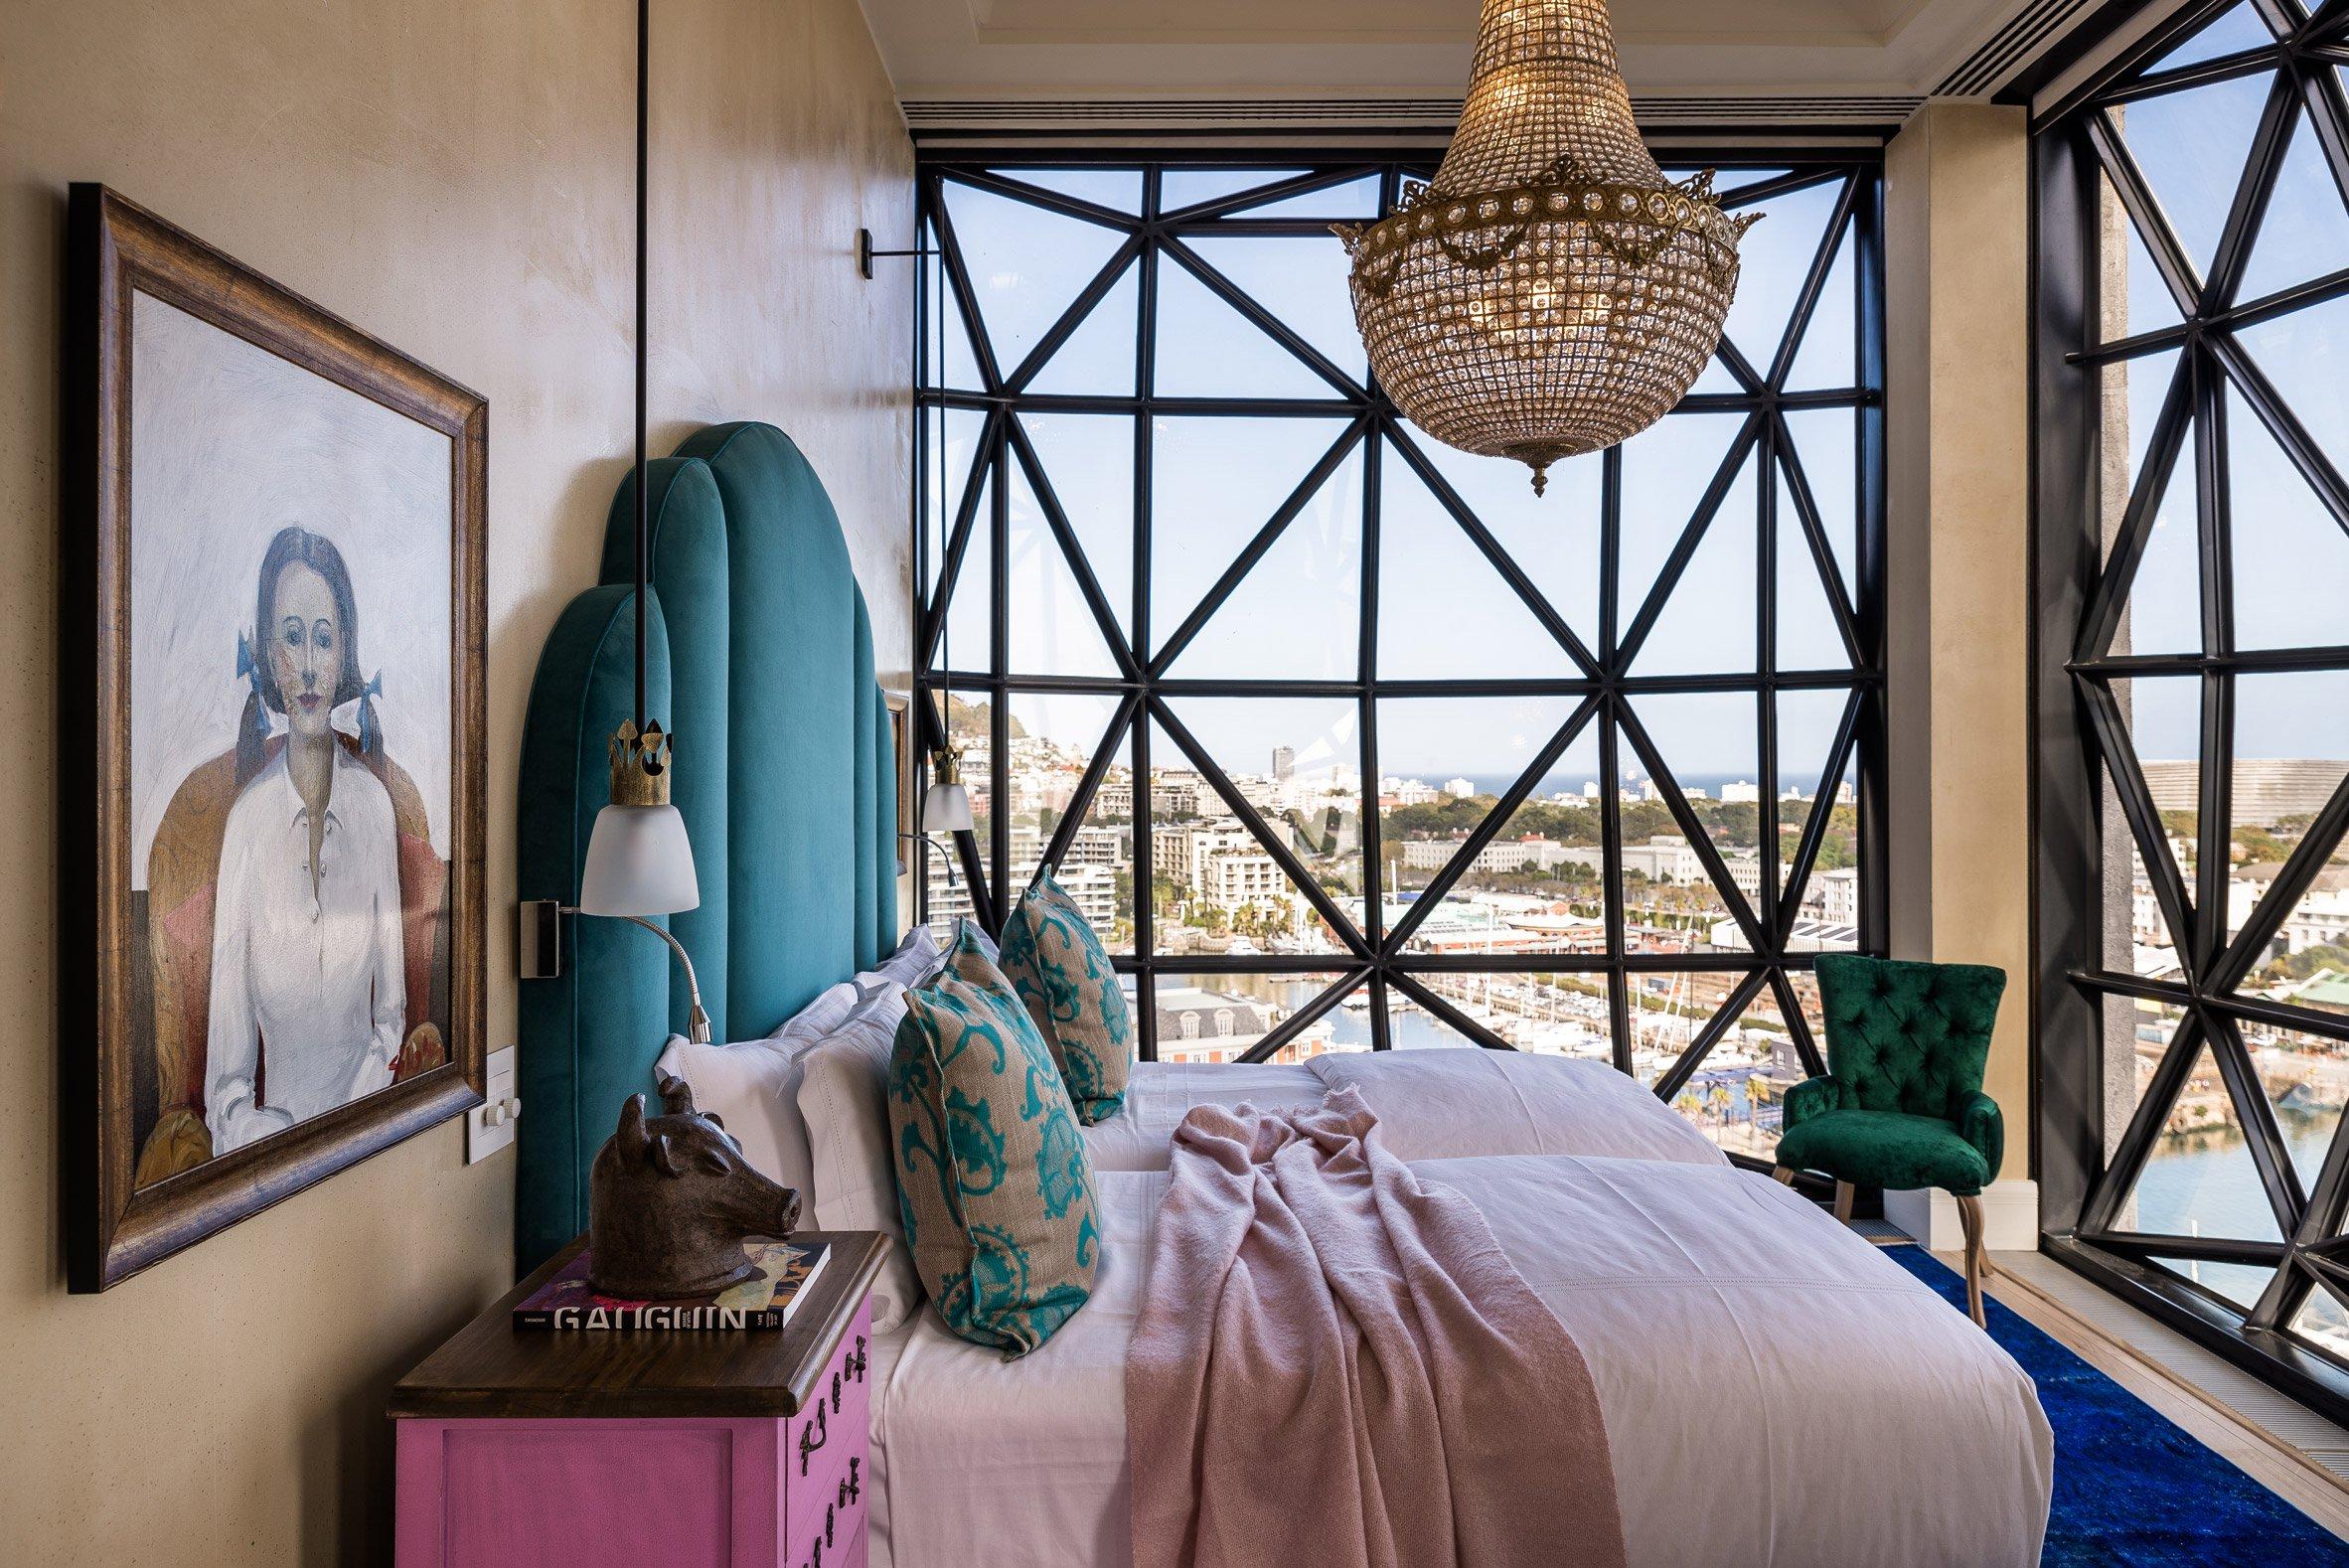 L'hotel dispone di 28 suite con finestre cilindriche / The Royal Portfolio hotel